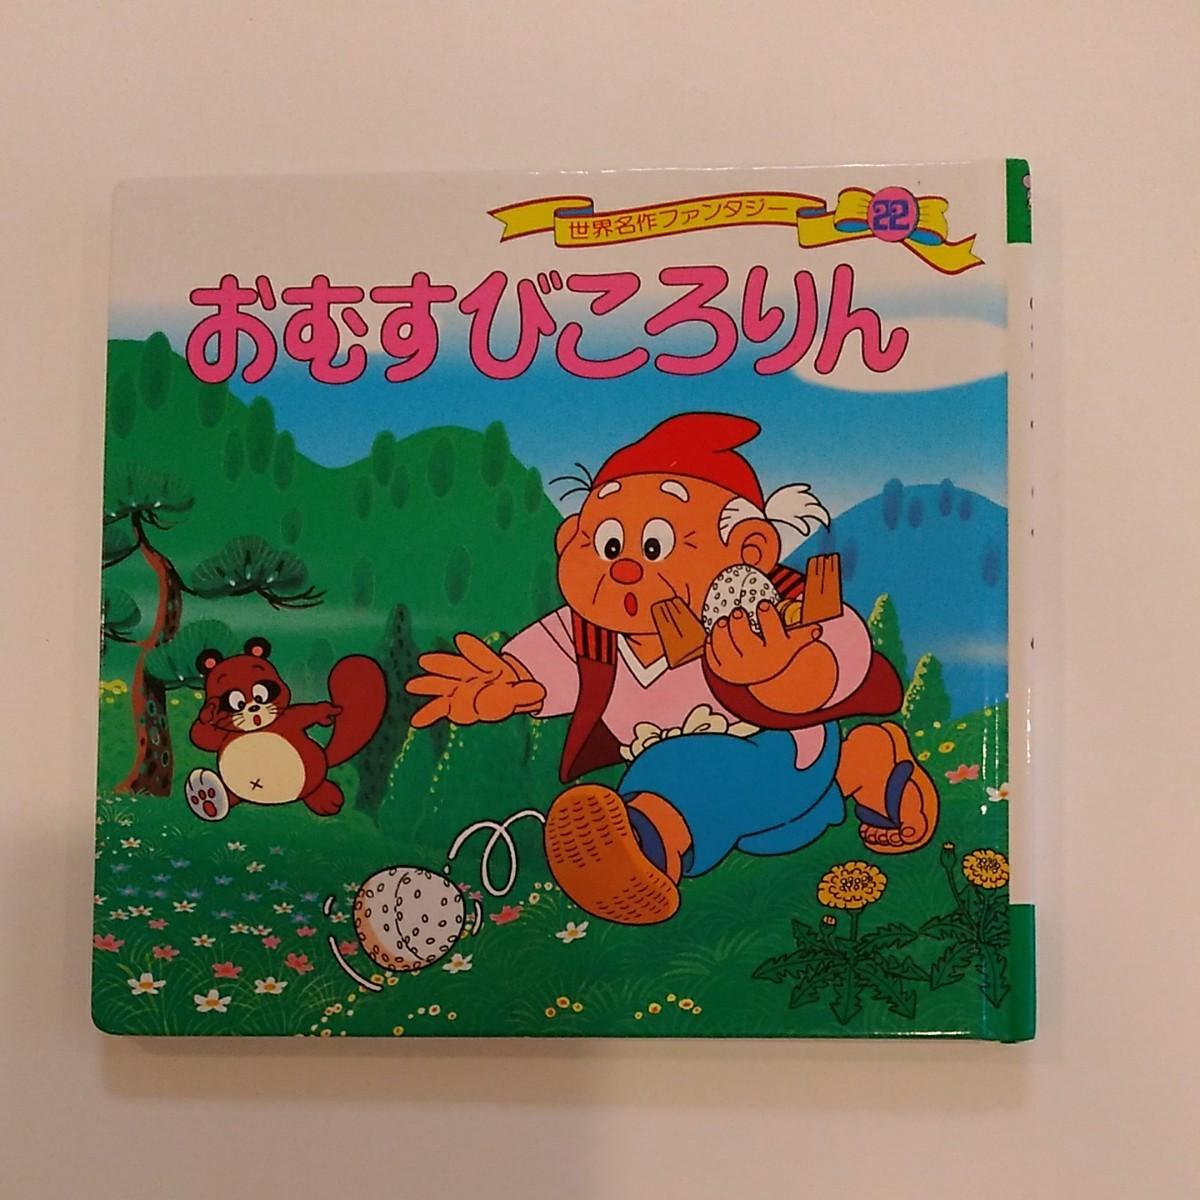 世界名作ファンタジー  日本昔ばなし  絵本5冊セット